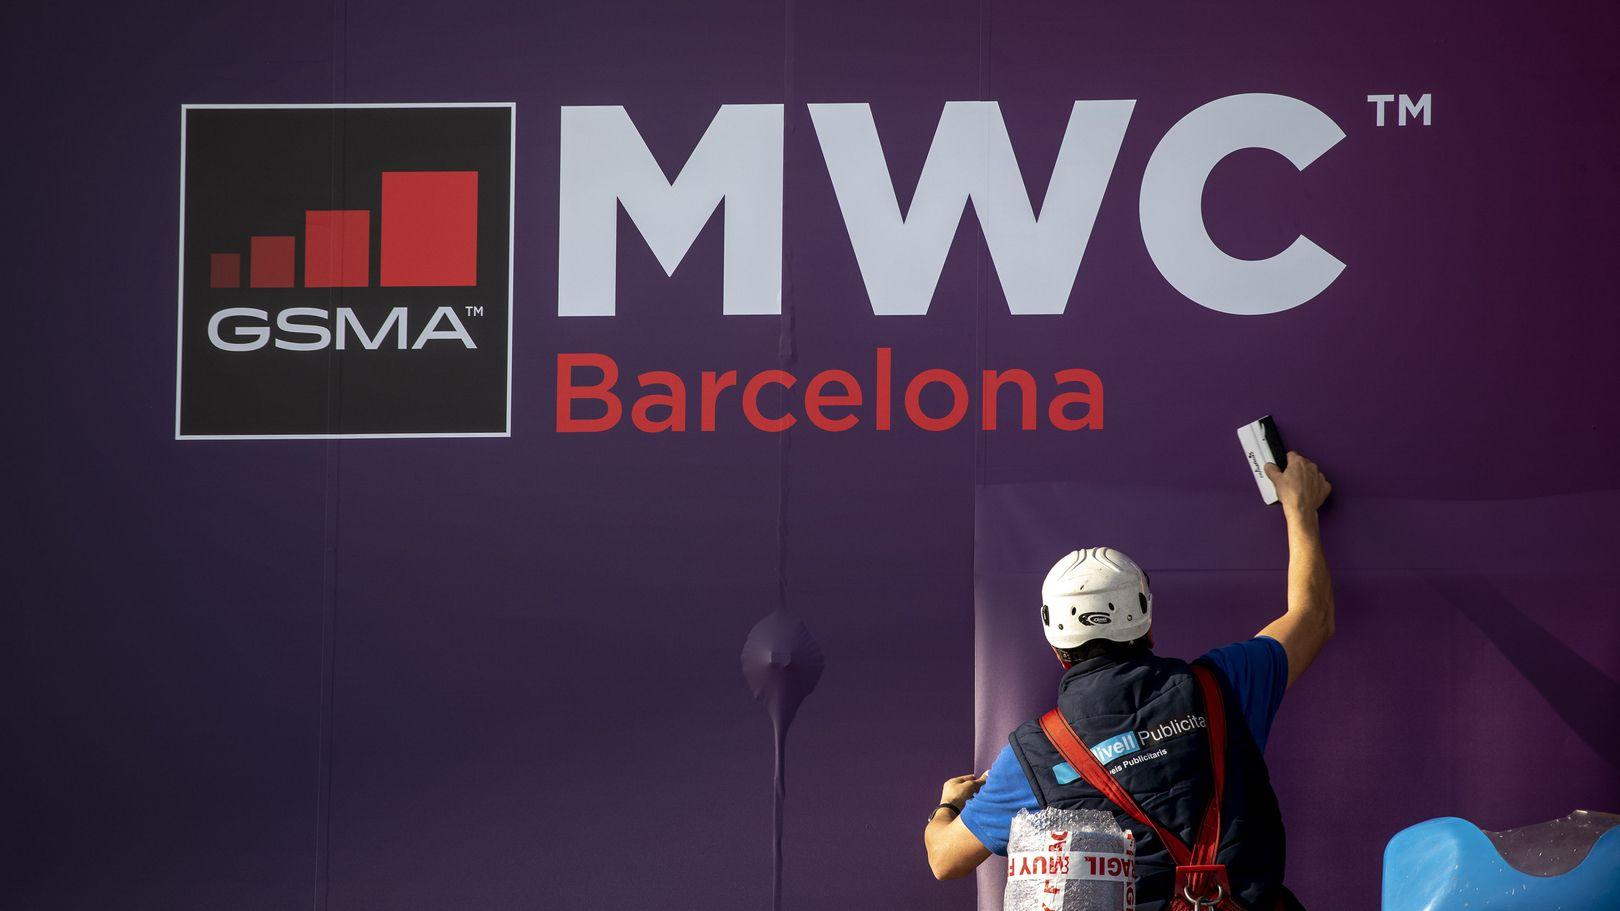 Arbeiter befestigt MWC Plakat